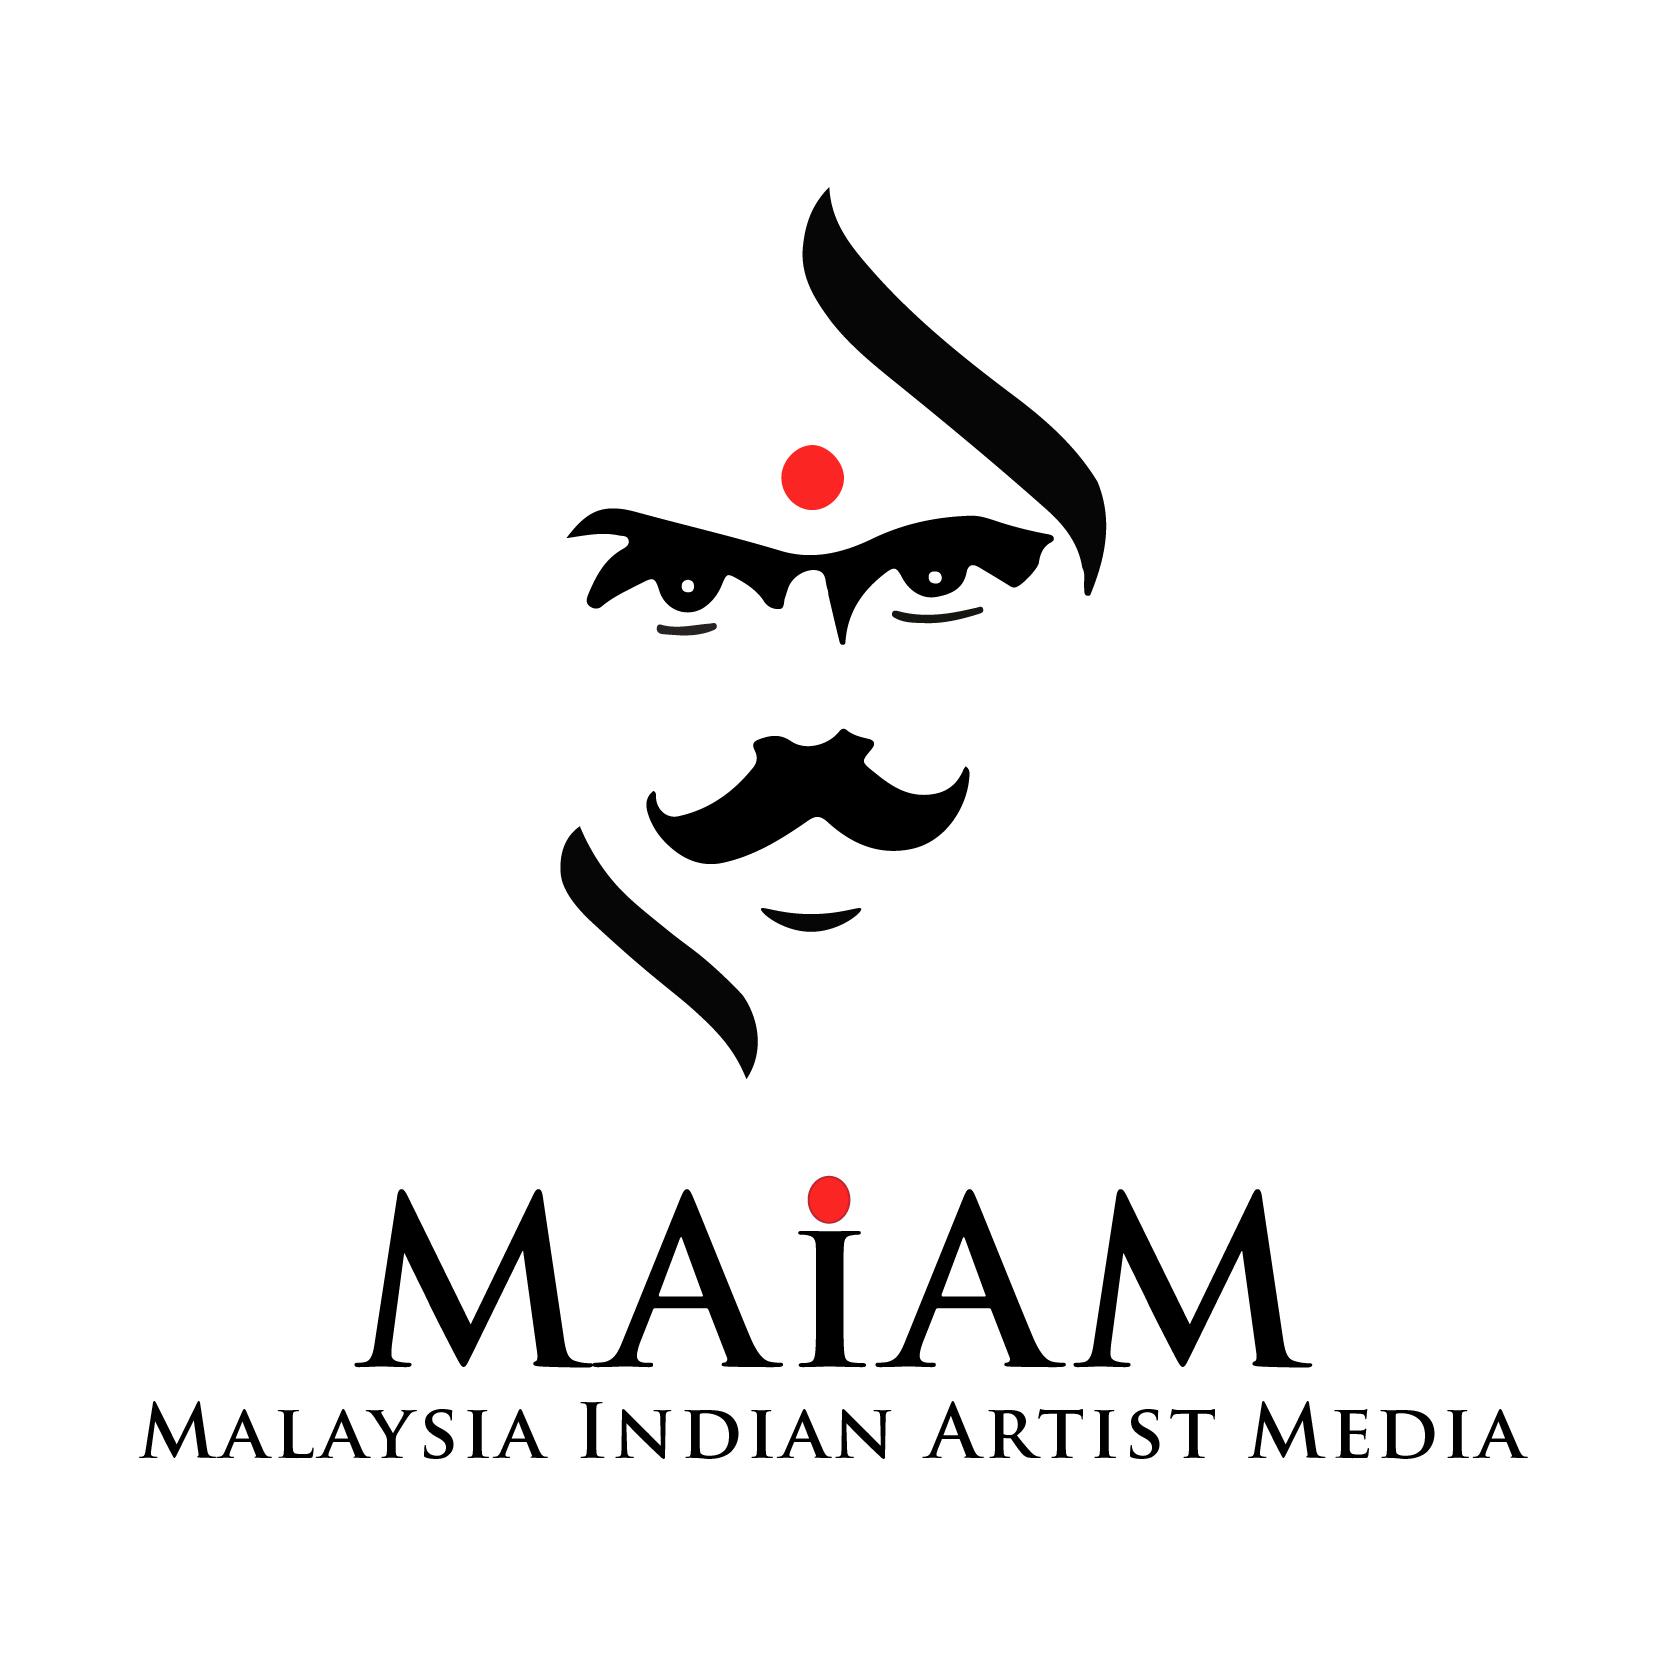 MAIAM Malaysia